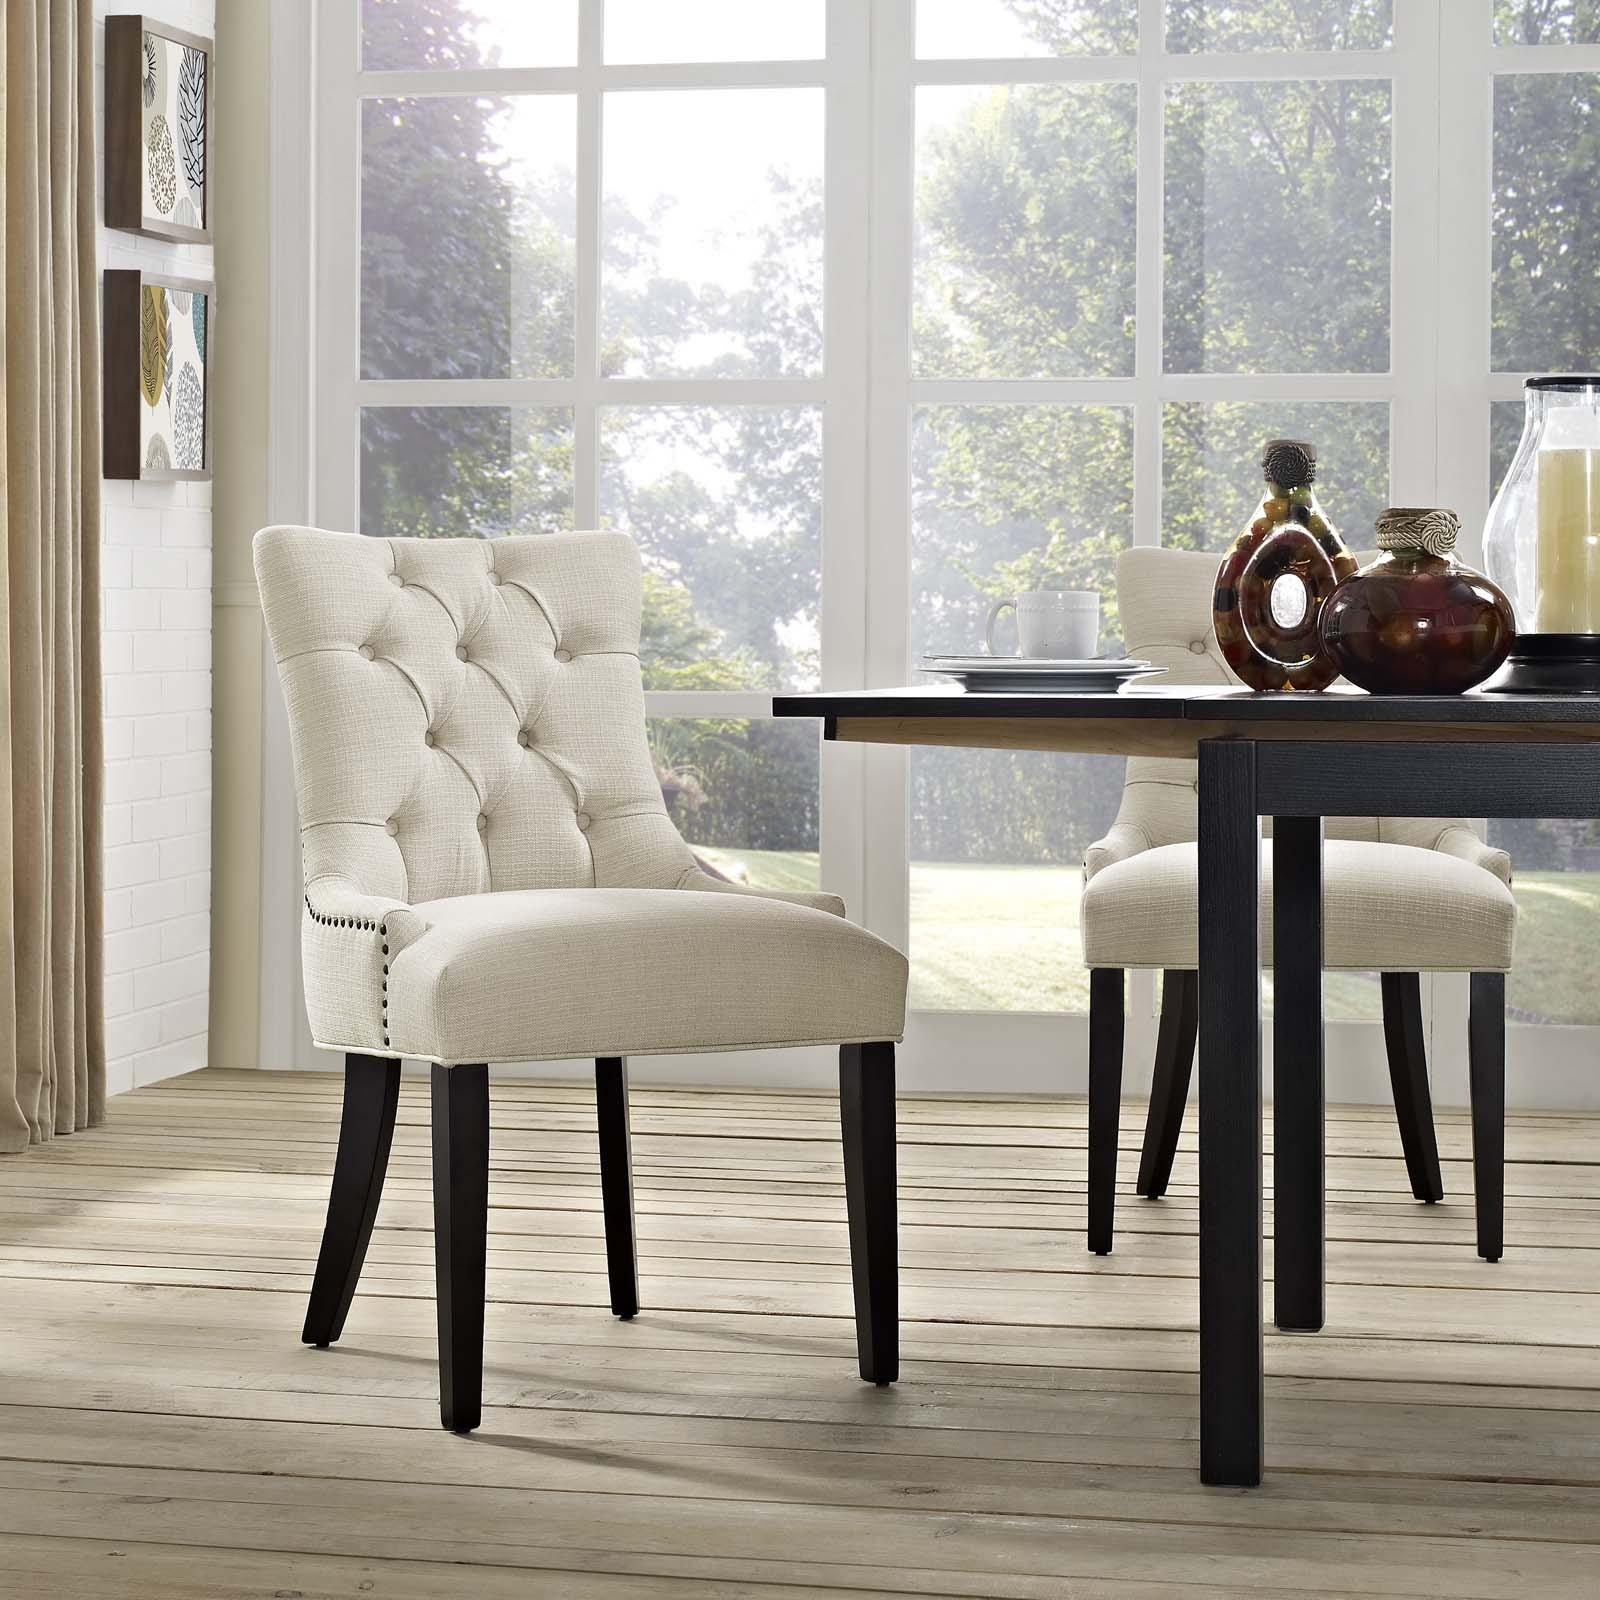 Azure Modway EEI-2223-AZU Regent Fabric Dining Chair